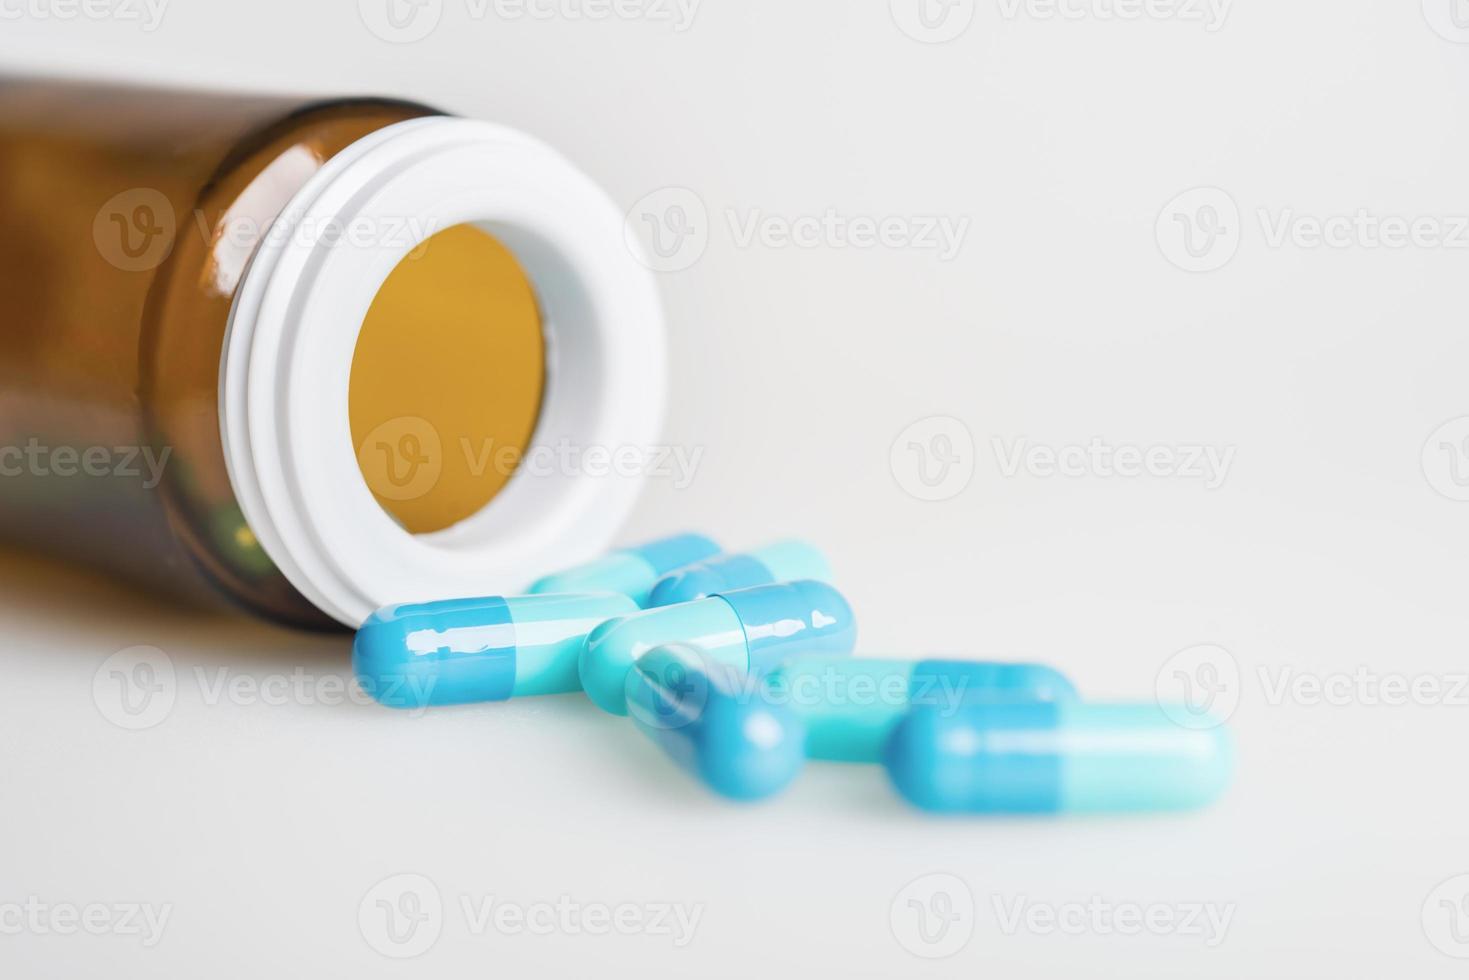 vengono versate le capsule di medicina e bottiglia blu foto